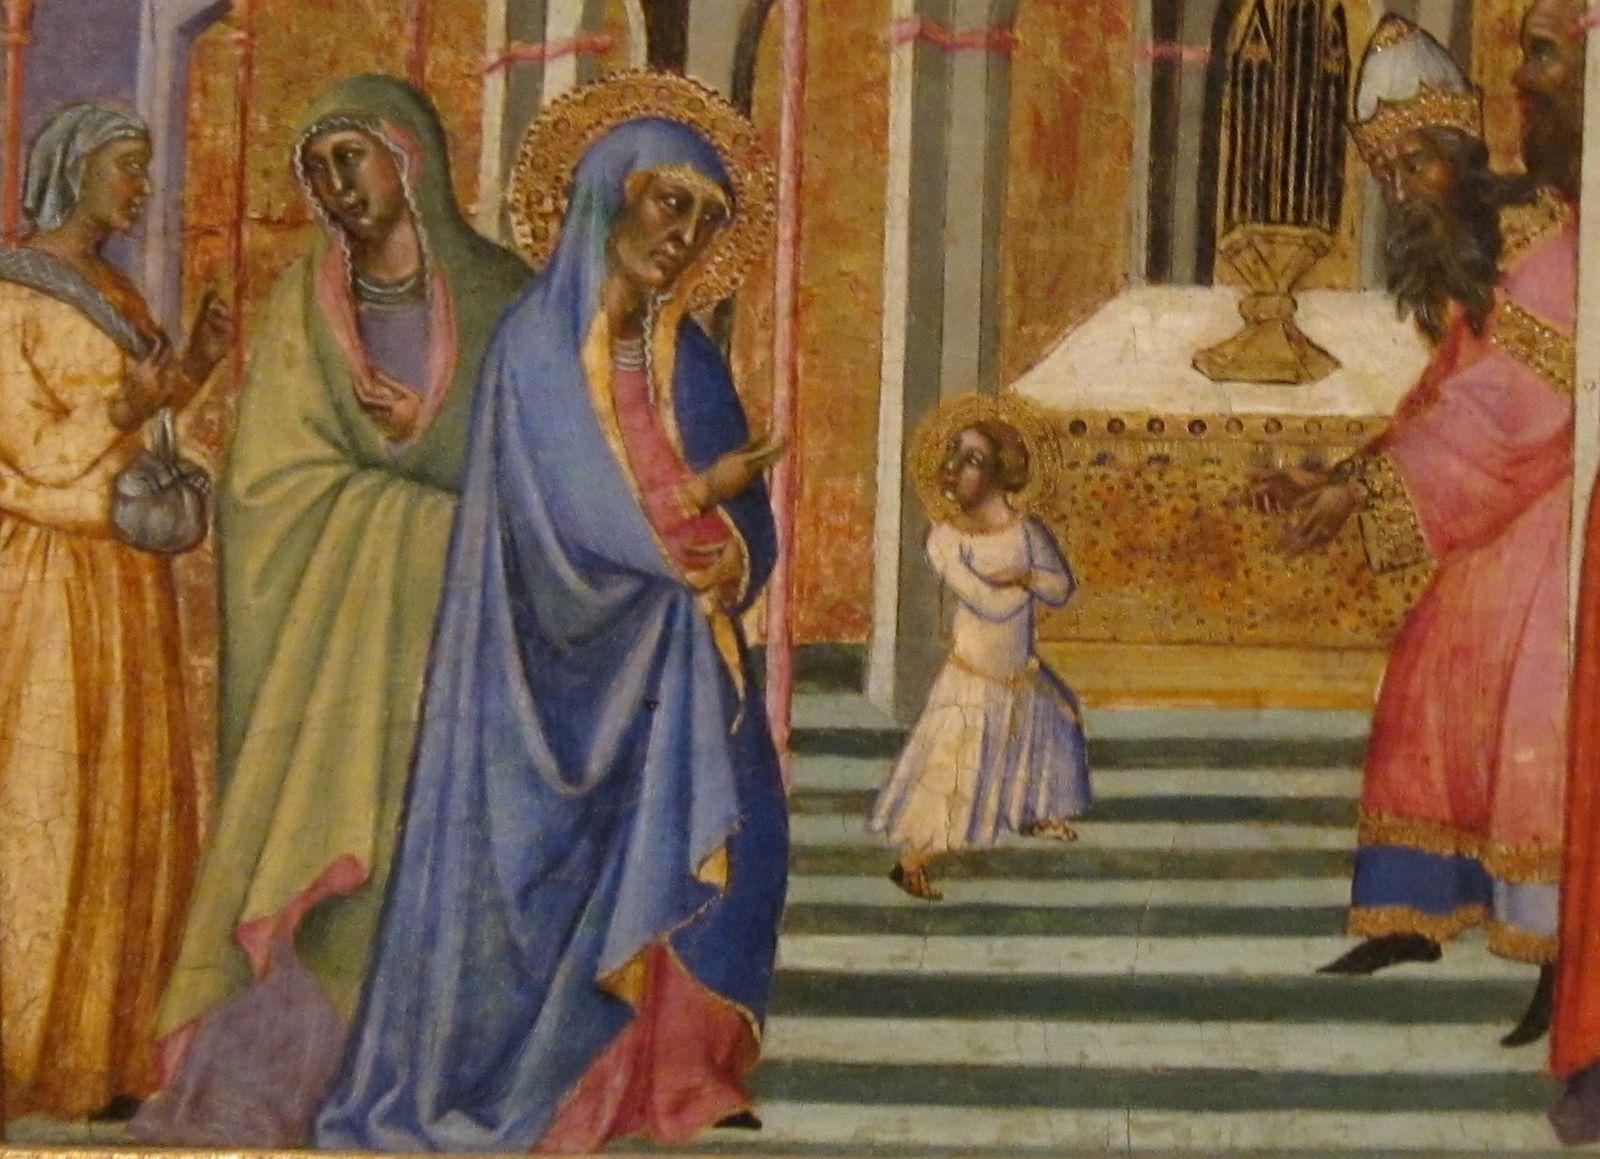 Presentación de María en el Templo: visión de Sor María de Agreda